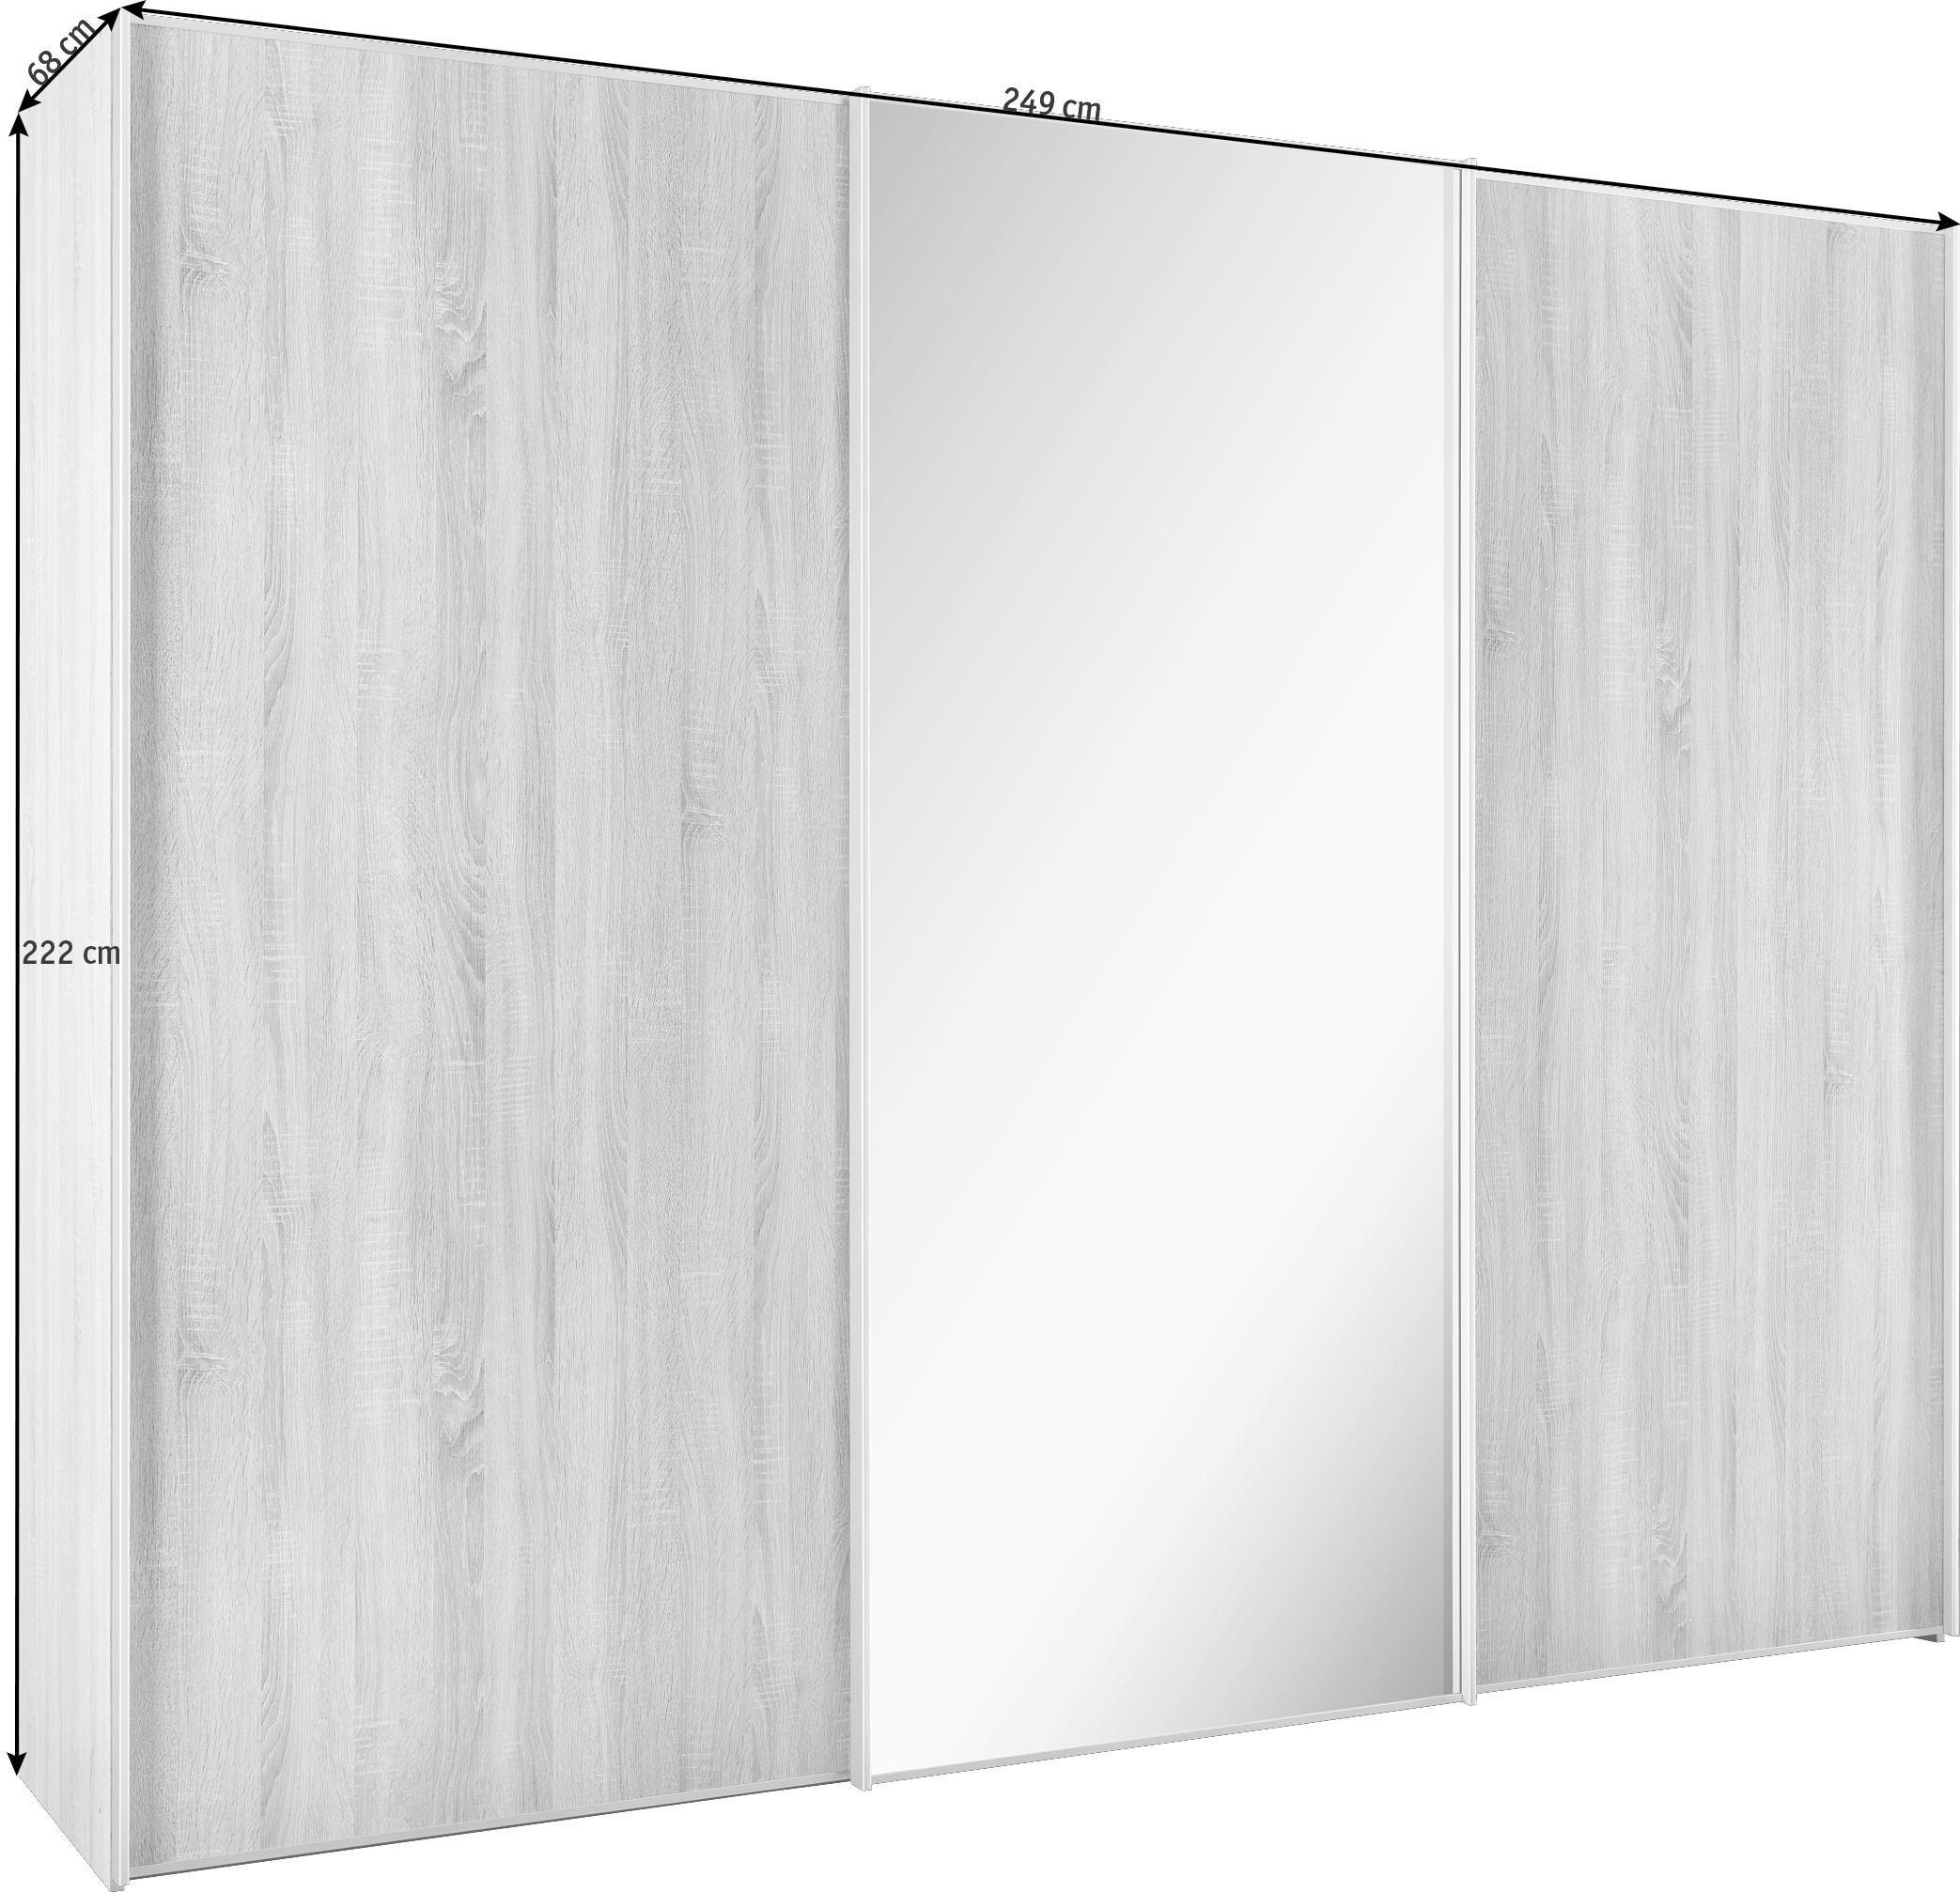 ORMAR S KLIZNIM VRATIMA - bijela/boje aluminija, Design, staklo/drvni materijal (249/222/68cm) - MODERANO